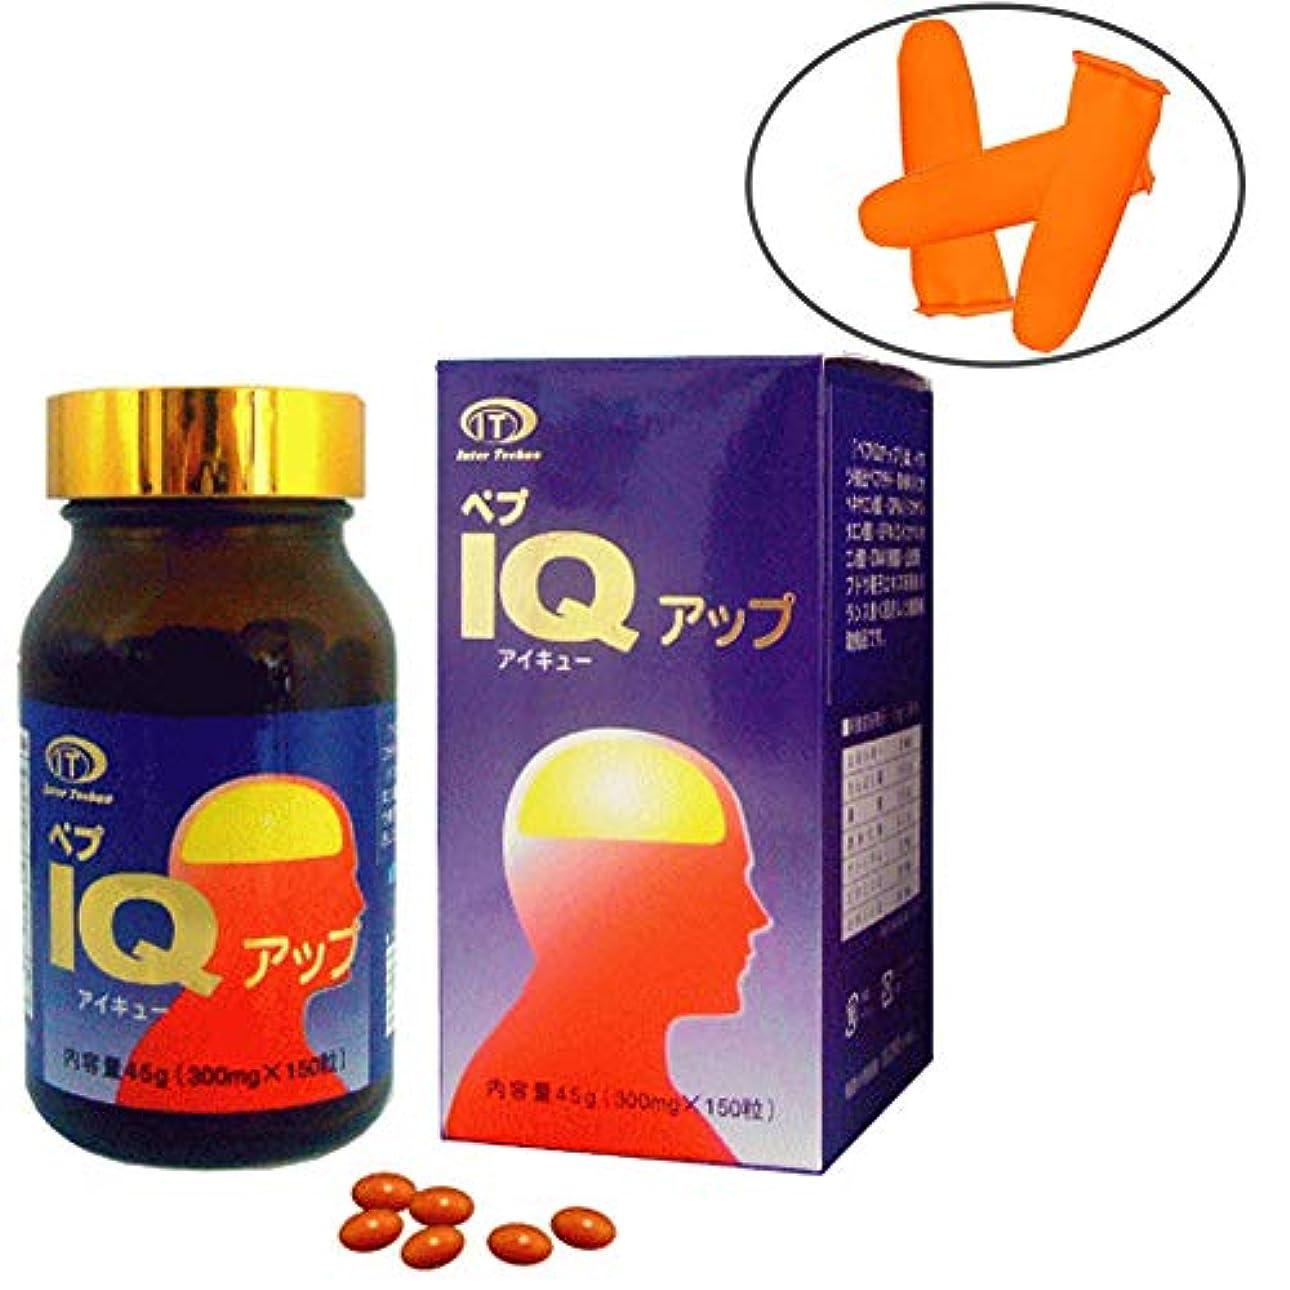 経験者定期的な小麦ペプIQアップ 疲労回復 サプリメント dha epa サプリメント 健脳食品 150粒 30日分 DHA 認知症防止 体内から健康に やる気出る オリジナルプレゼント付